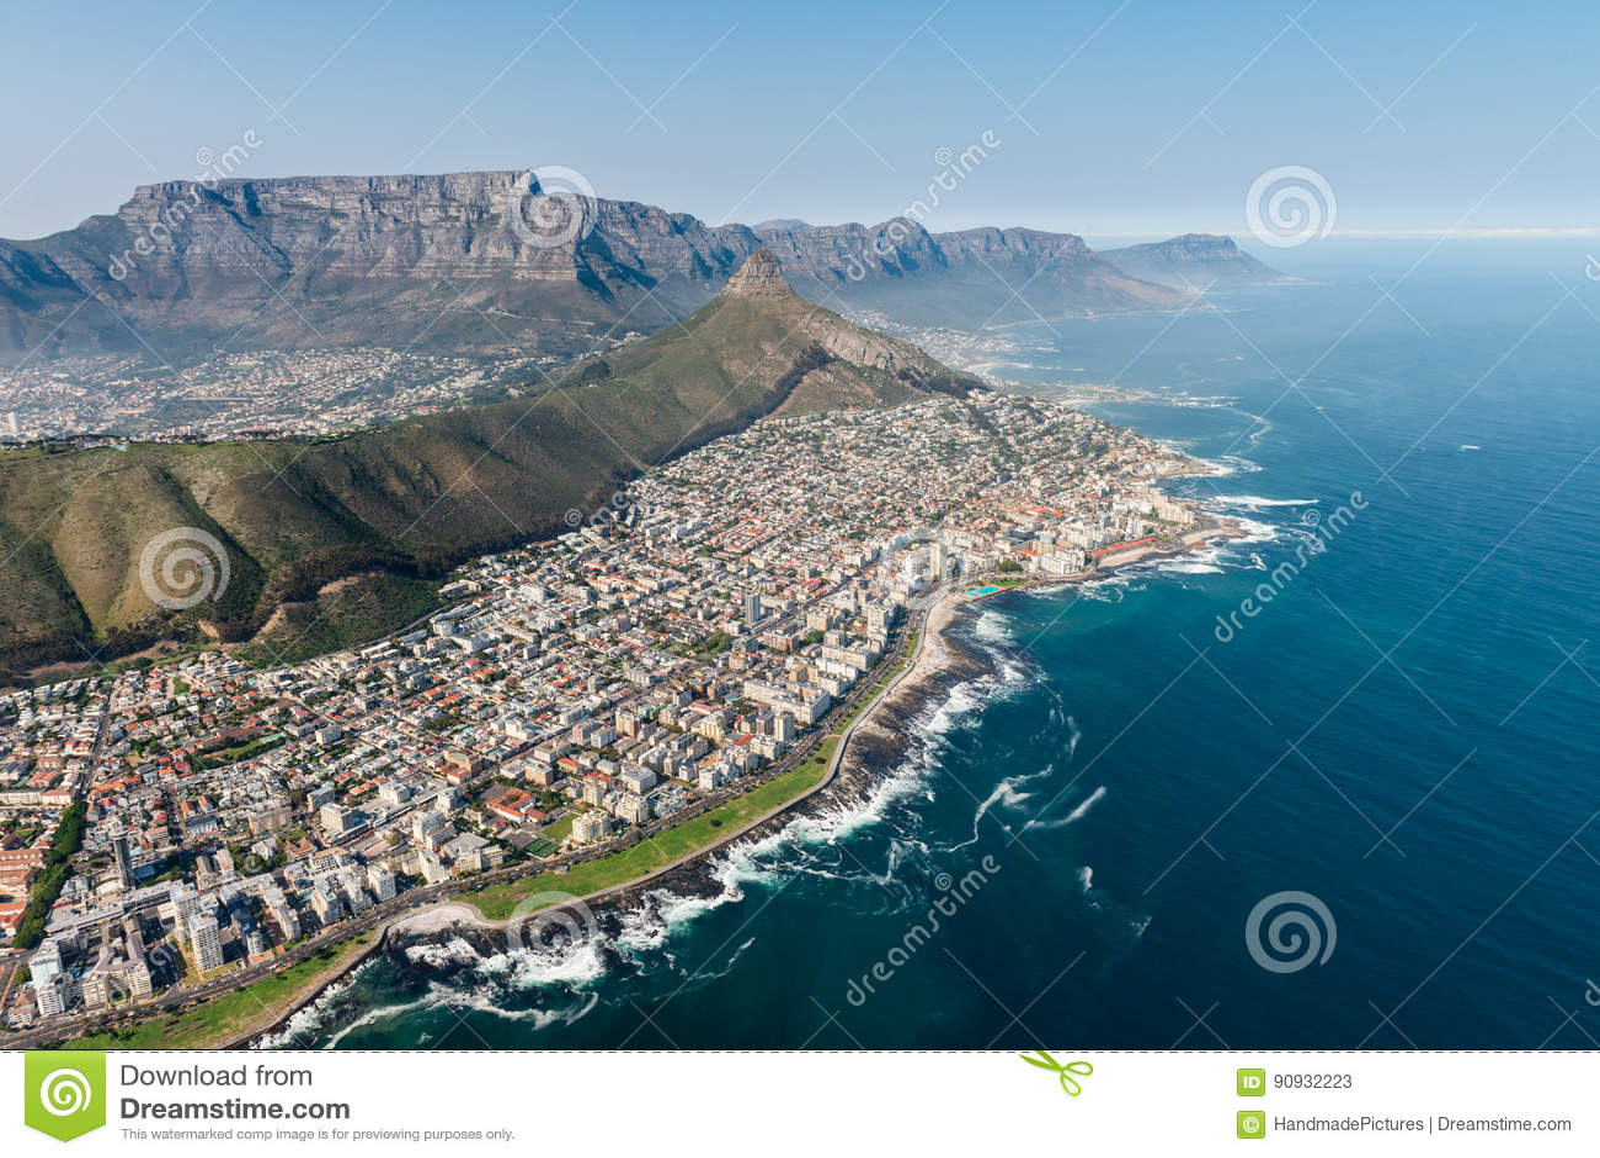 Colpo aereo di Cape Town con il fuoco sul punto del mare